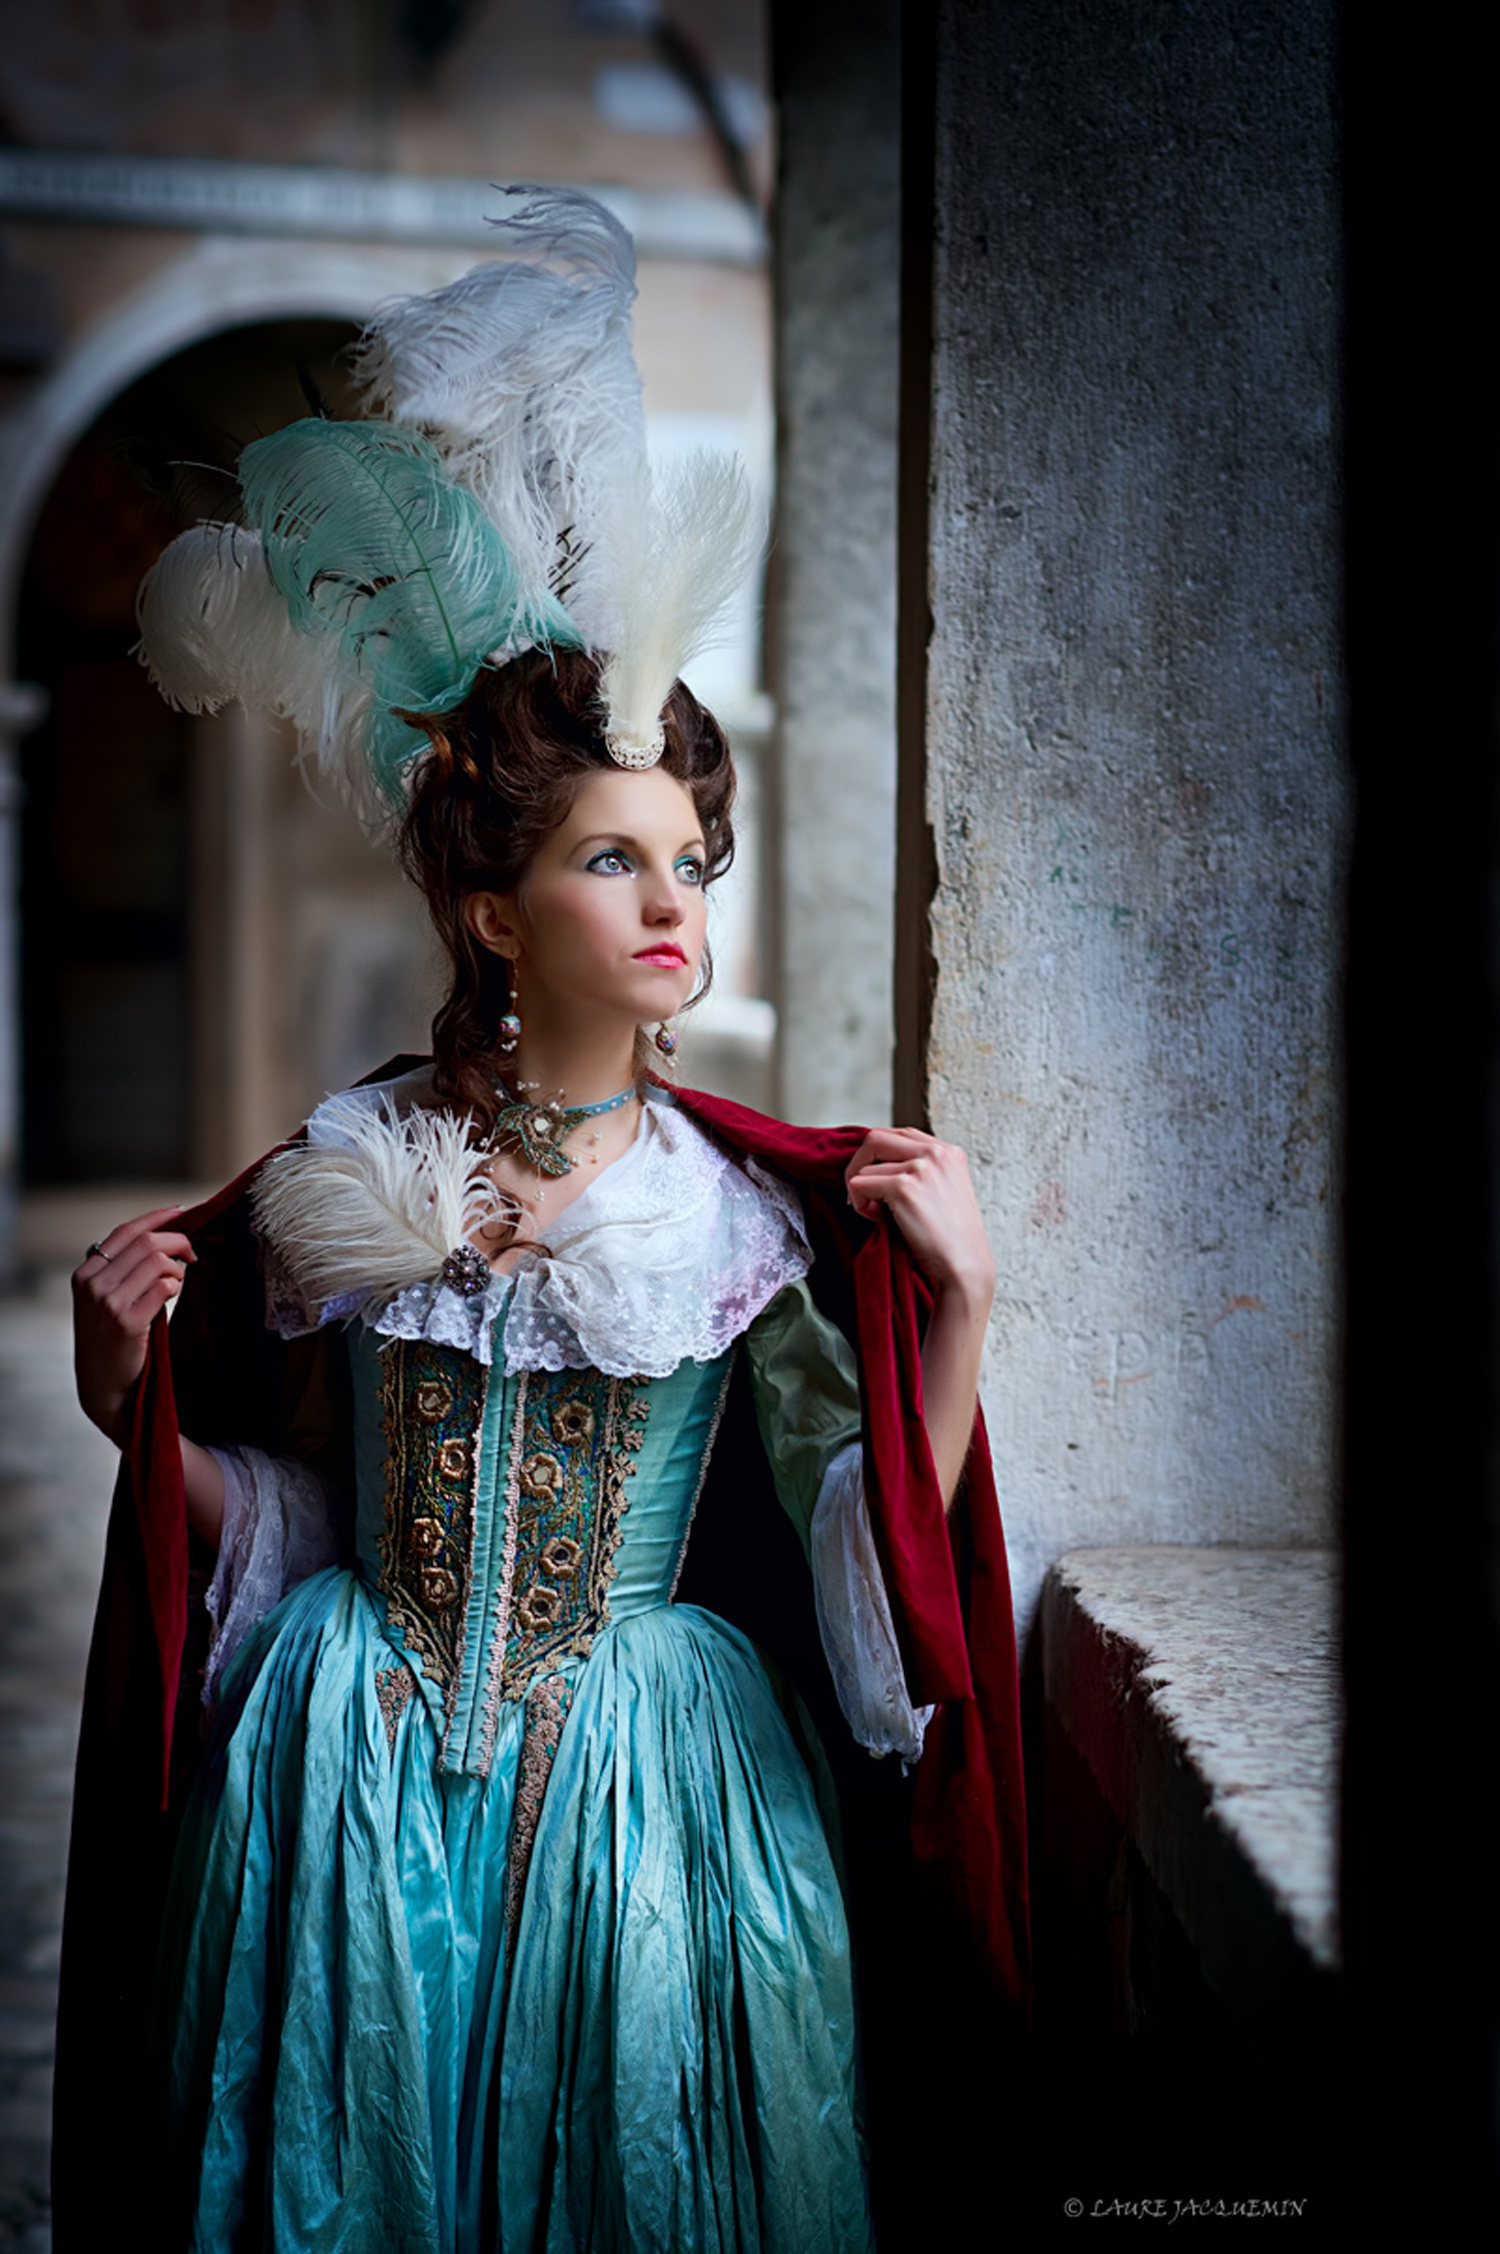 Modelli e artisti fotografato a Venezia (15).jpg